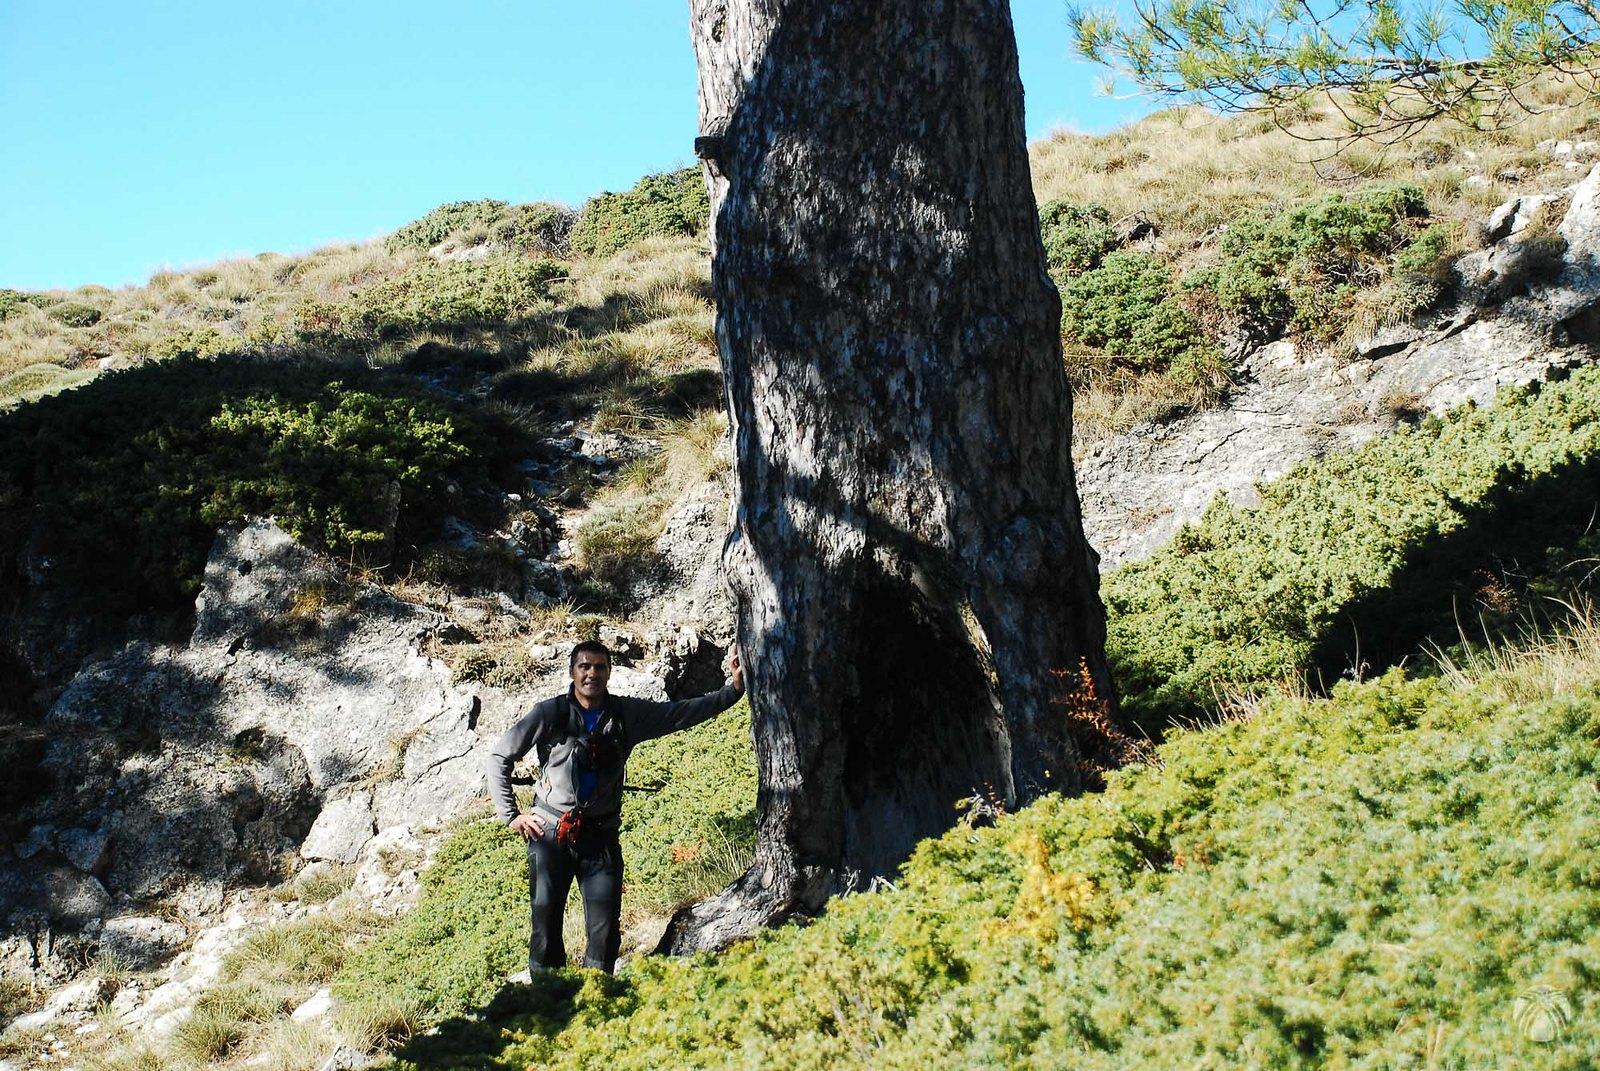 Un pino espectacular con un resiego